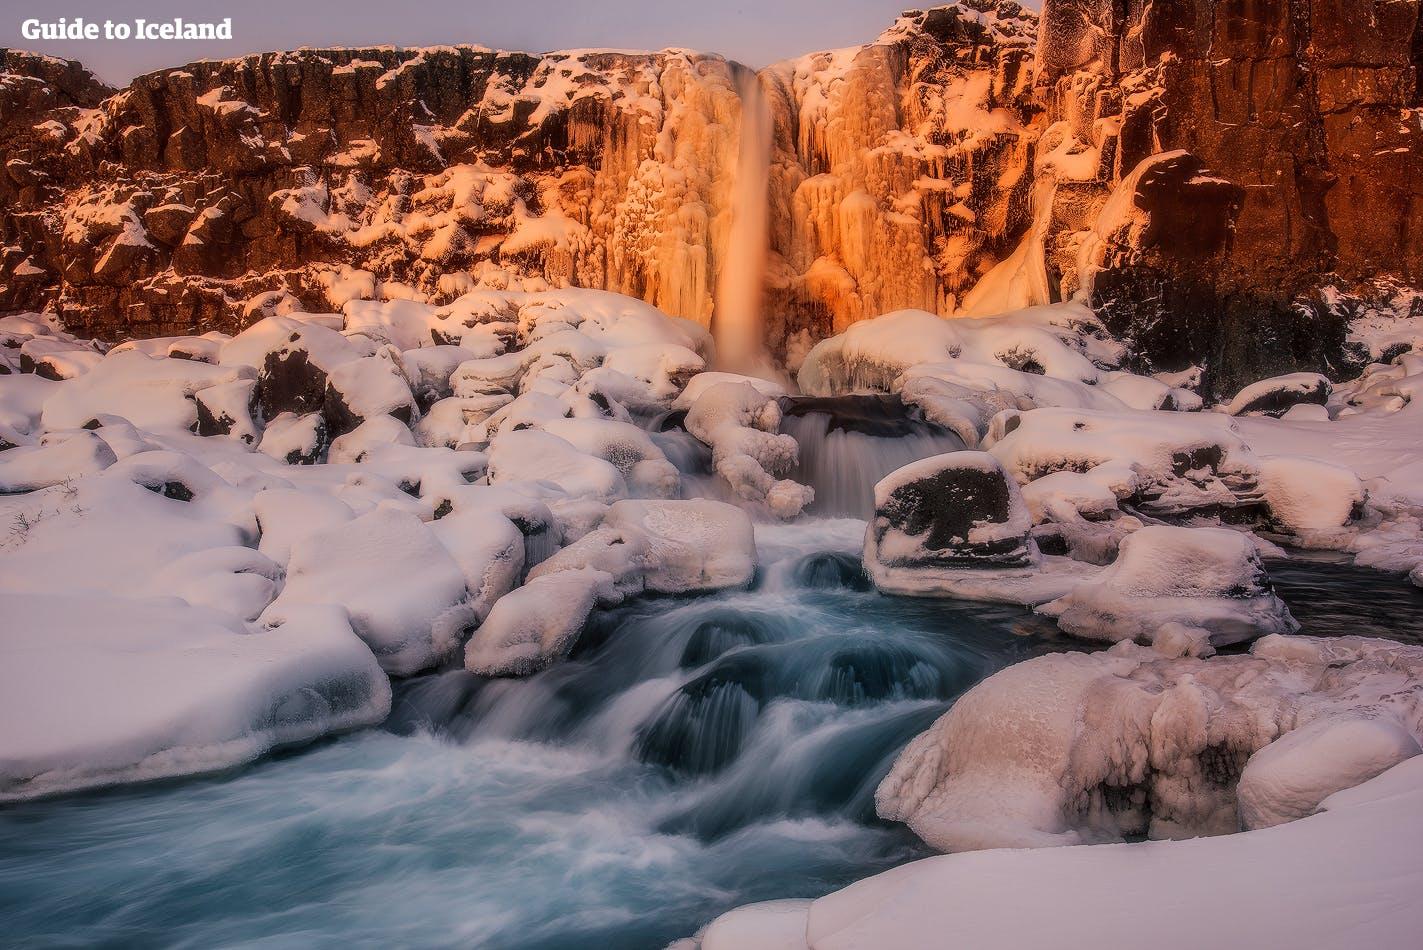 La cascade d'Öxárfoss située dans le parc national de Þingvellir sur la route du Cercle d'Or